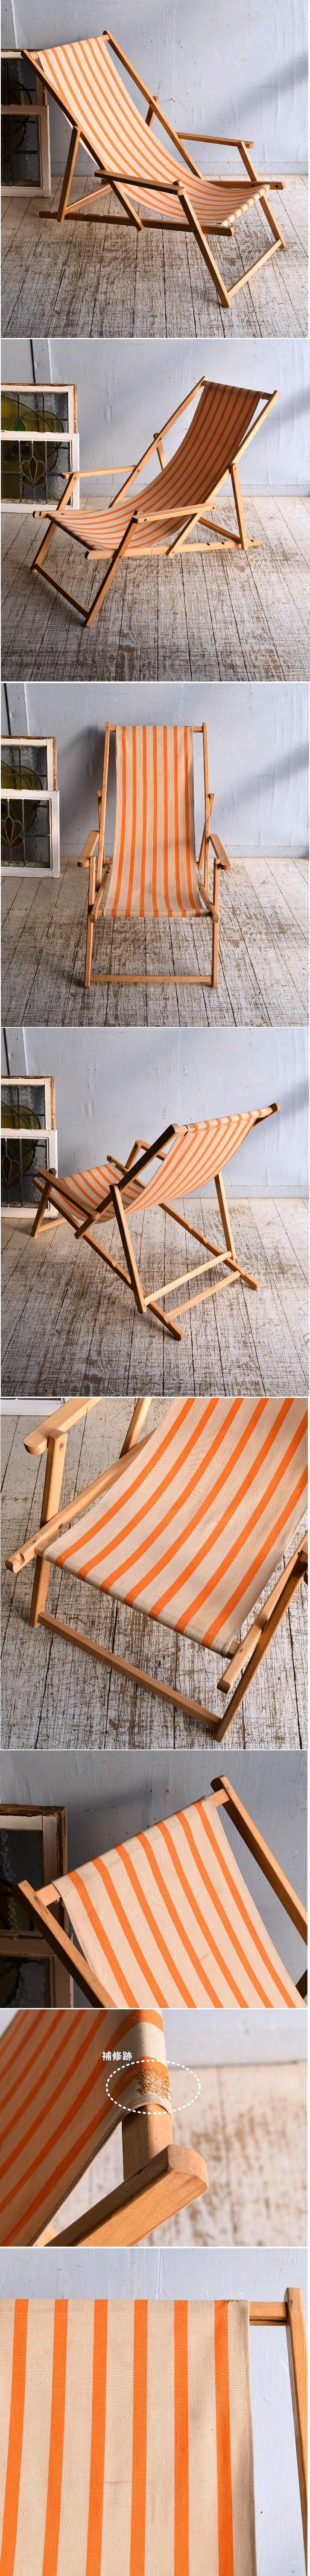 イギリス アンティーク フォールディングデッキチェア 椅子 9267